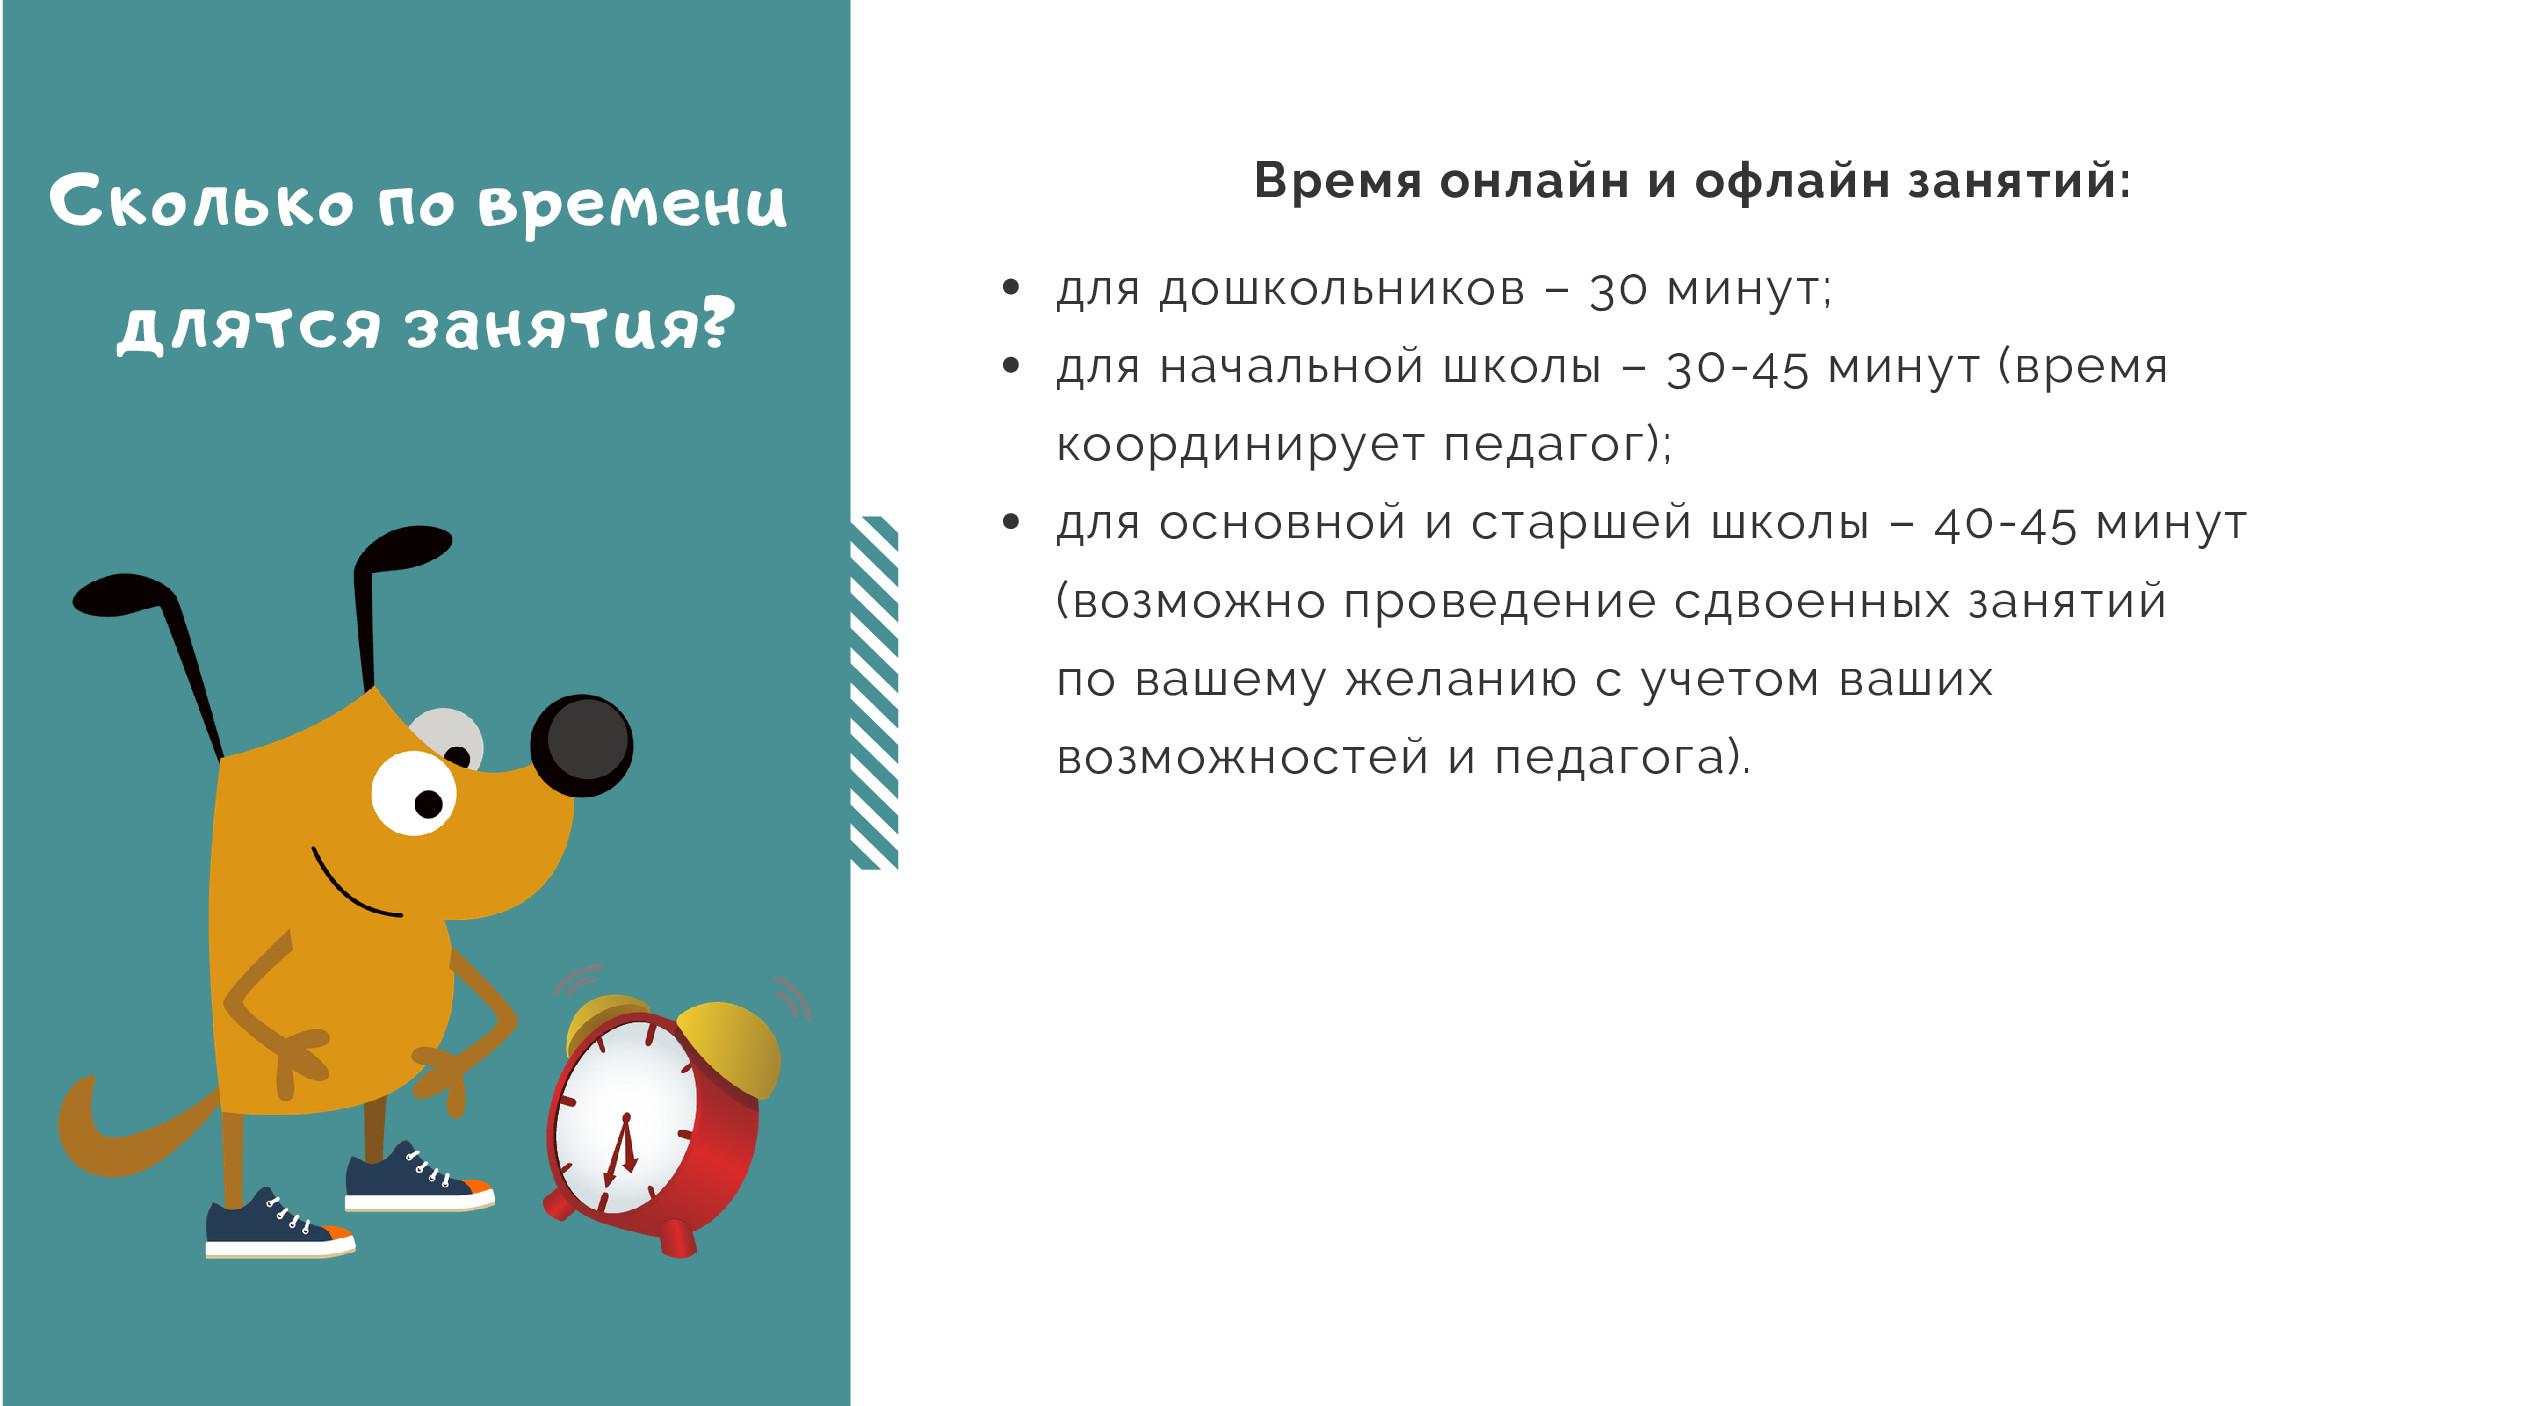 ПУТЕВОДИТЕЛЬ ЭУК2-14